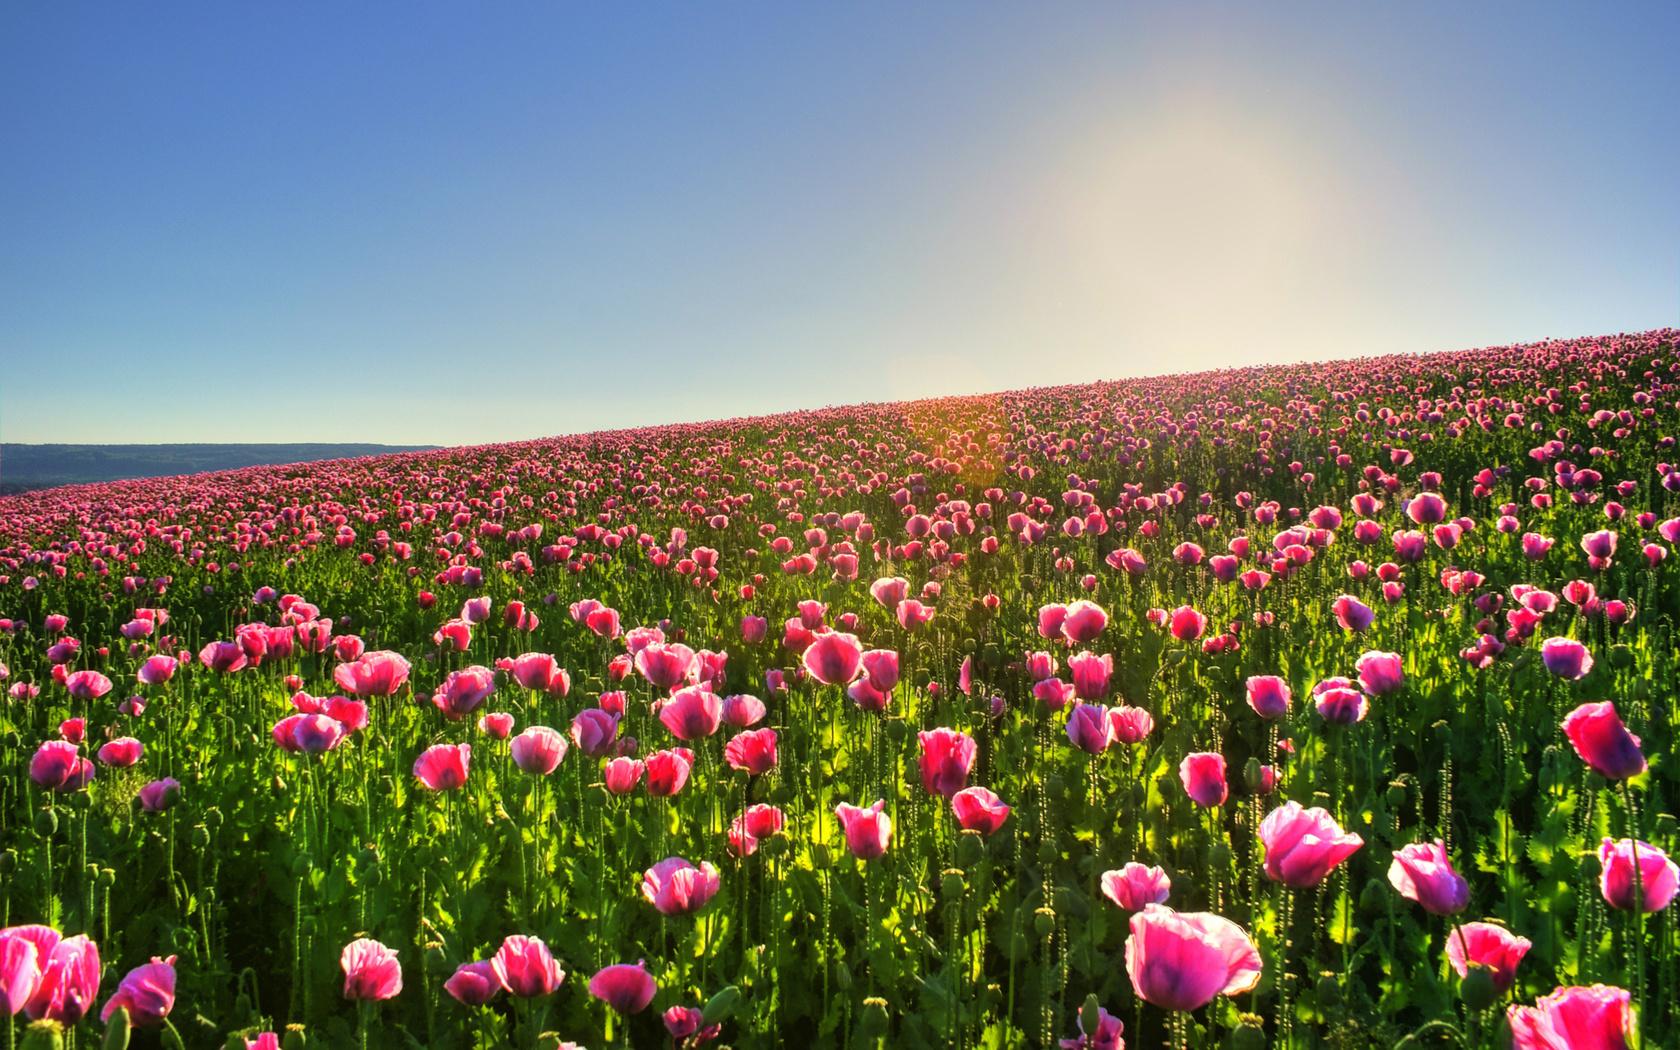 19910 économiseurs d'écran et fonds d'écran Les Champs sur votre téléphone. Téléchargez Plantes, Paysage, Fleurs, Les Champs, Sun, Tulipes images gratuitement